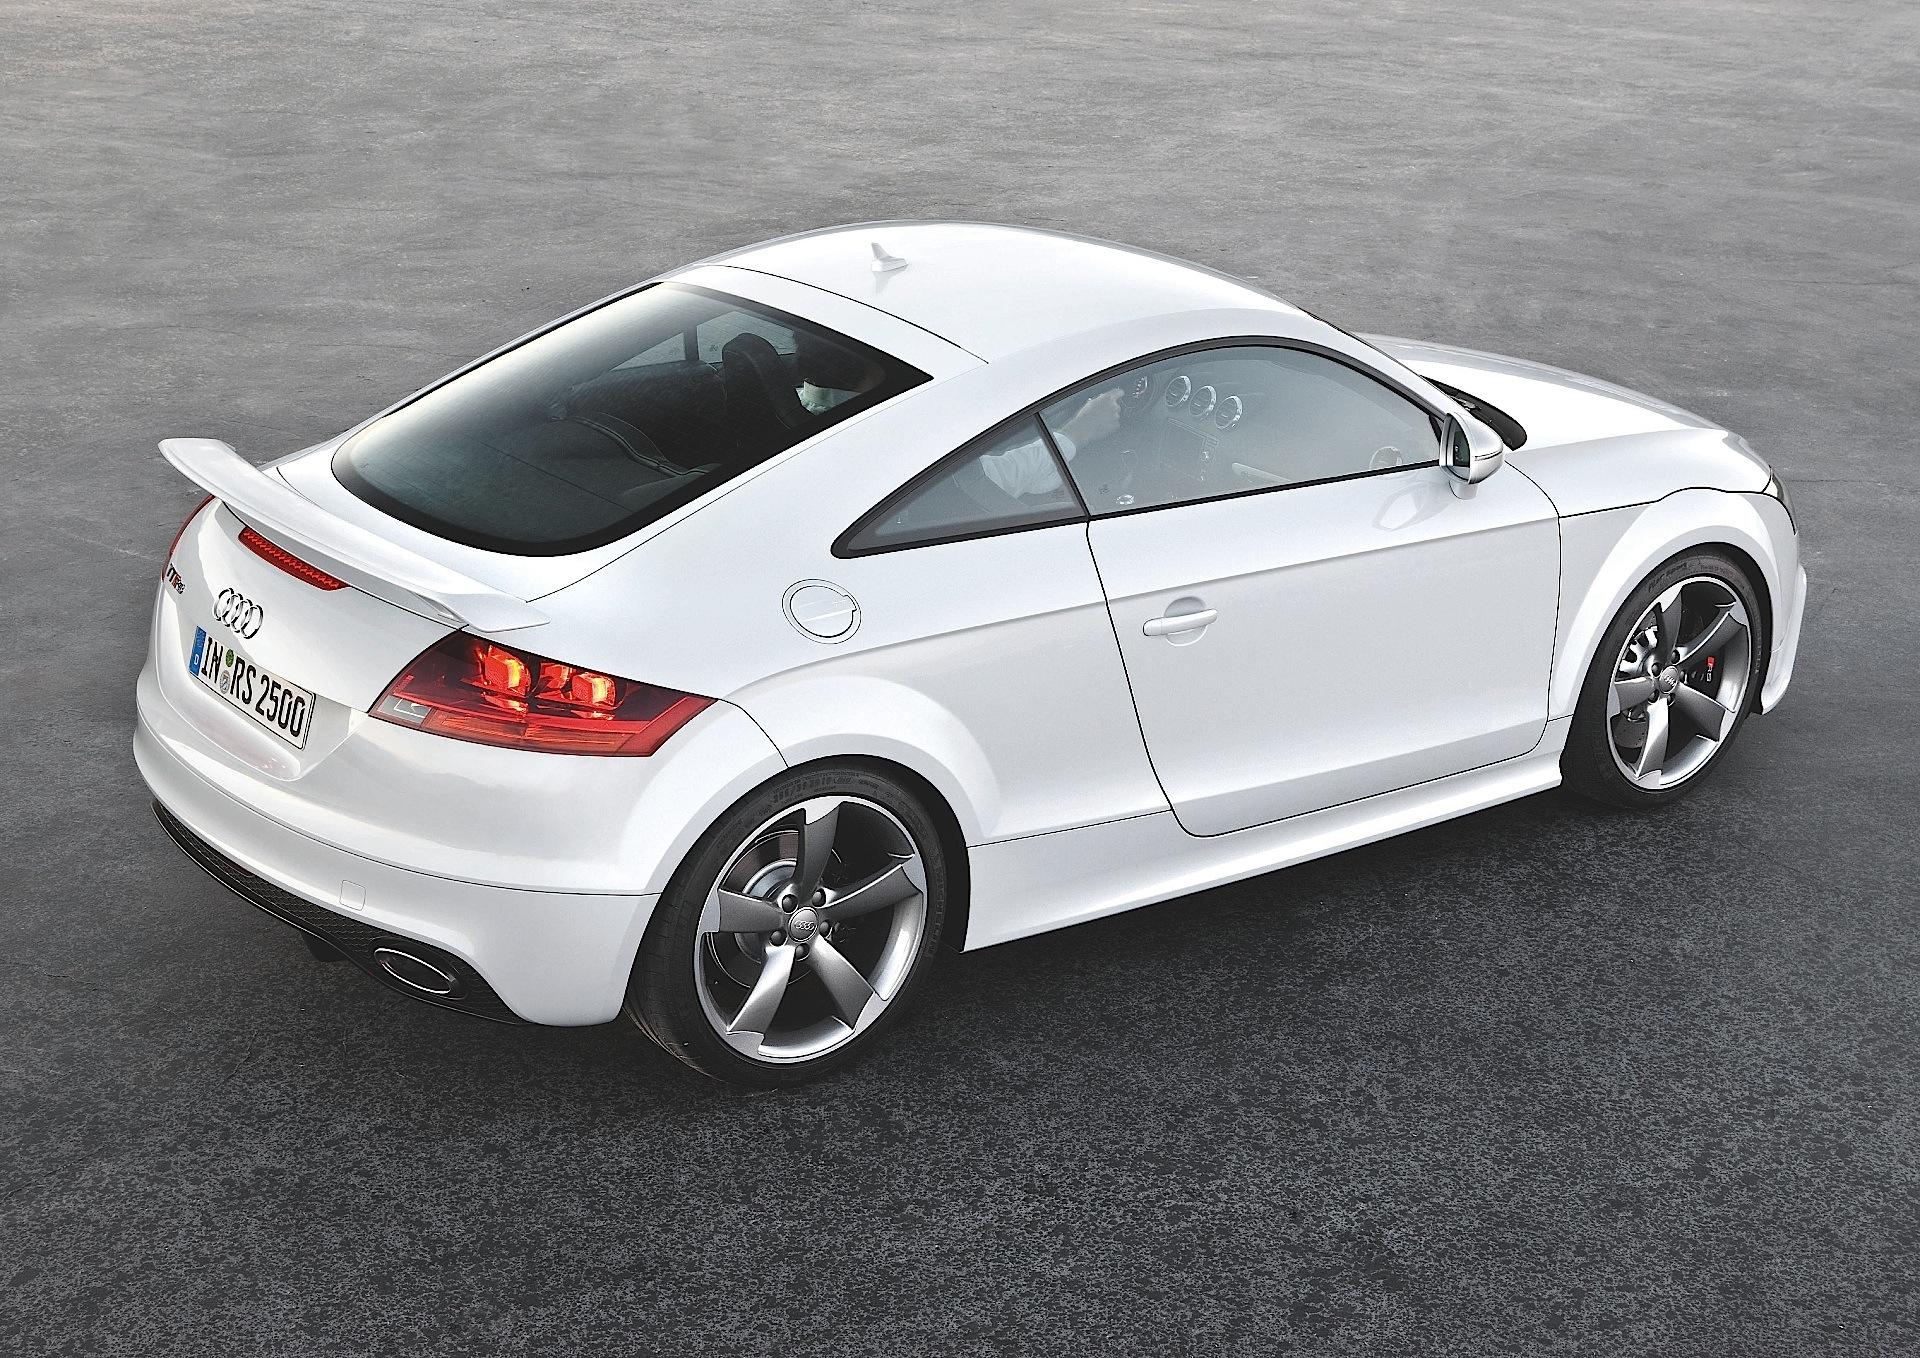 Audi TT RS II (8J) 2009 - 2014 Coupe #2